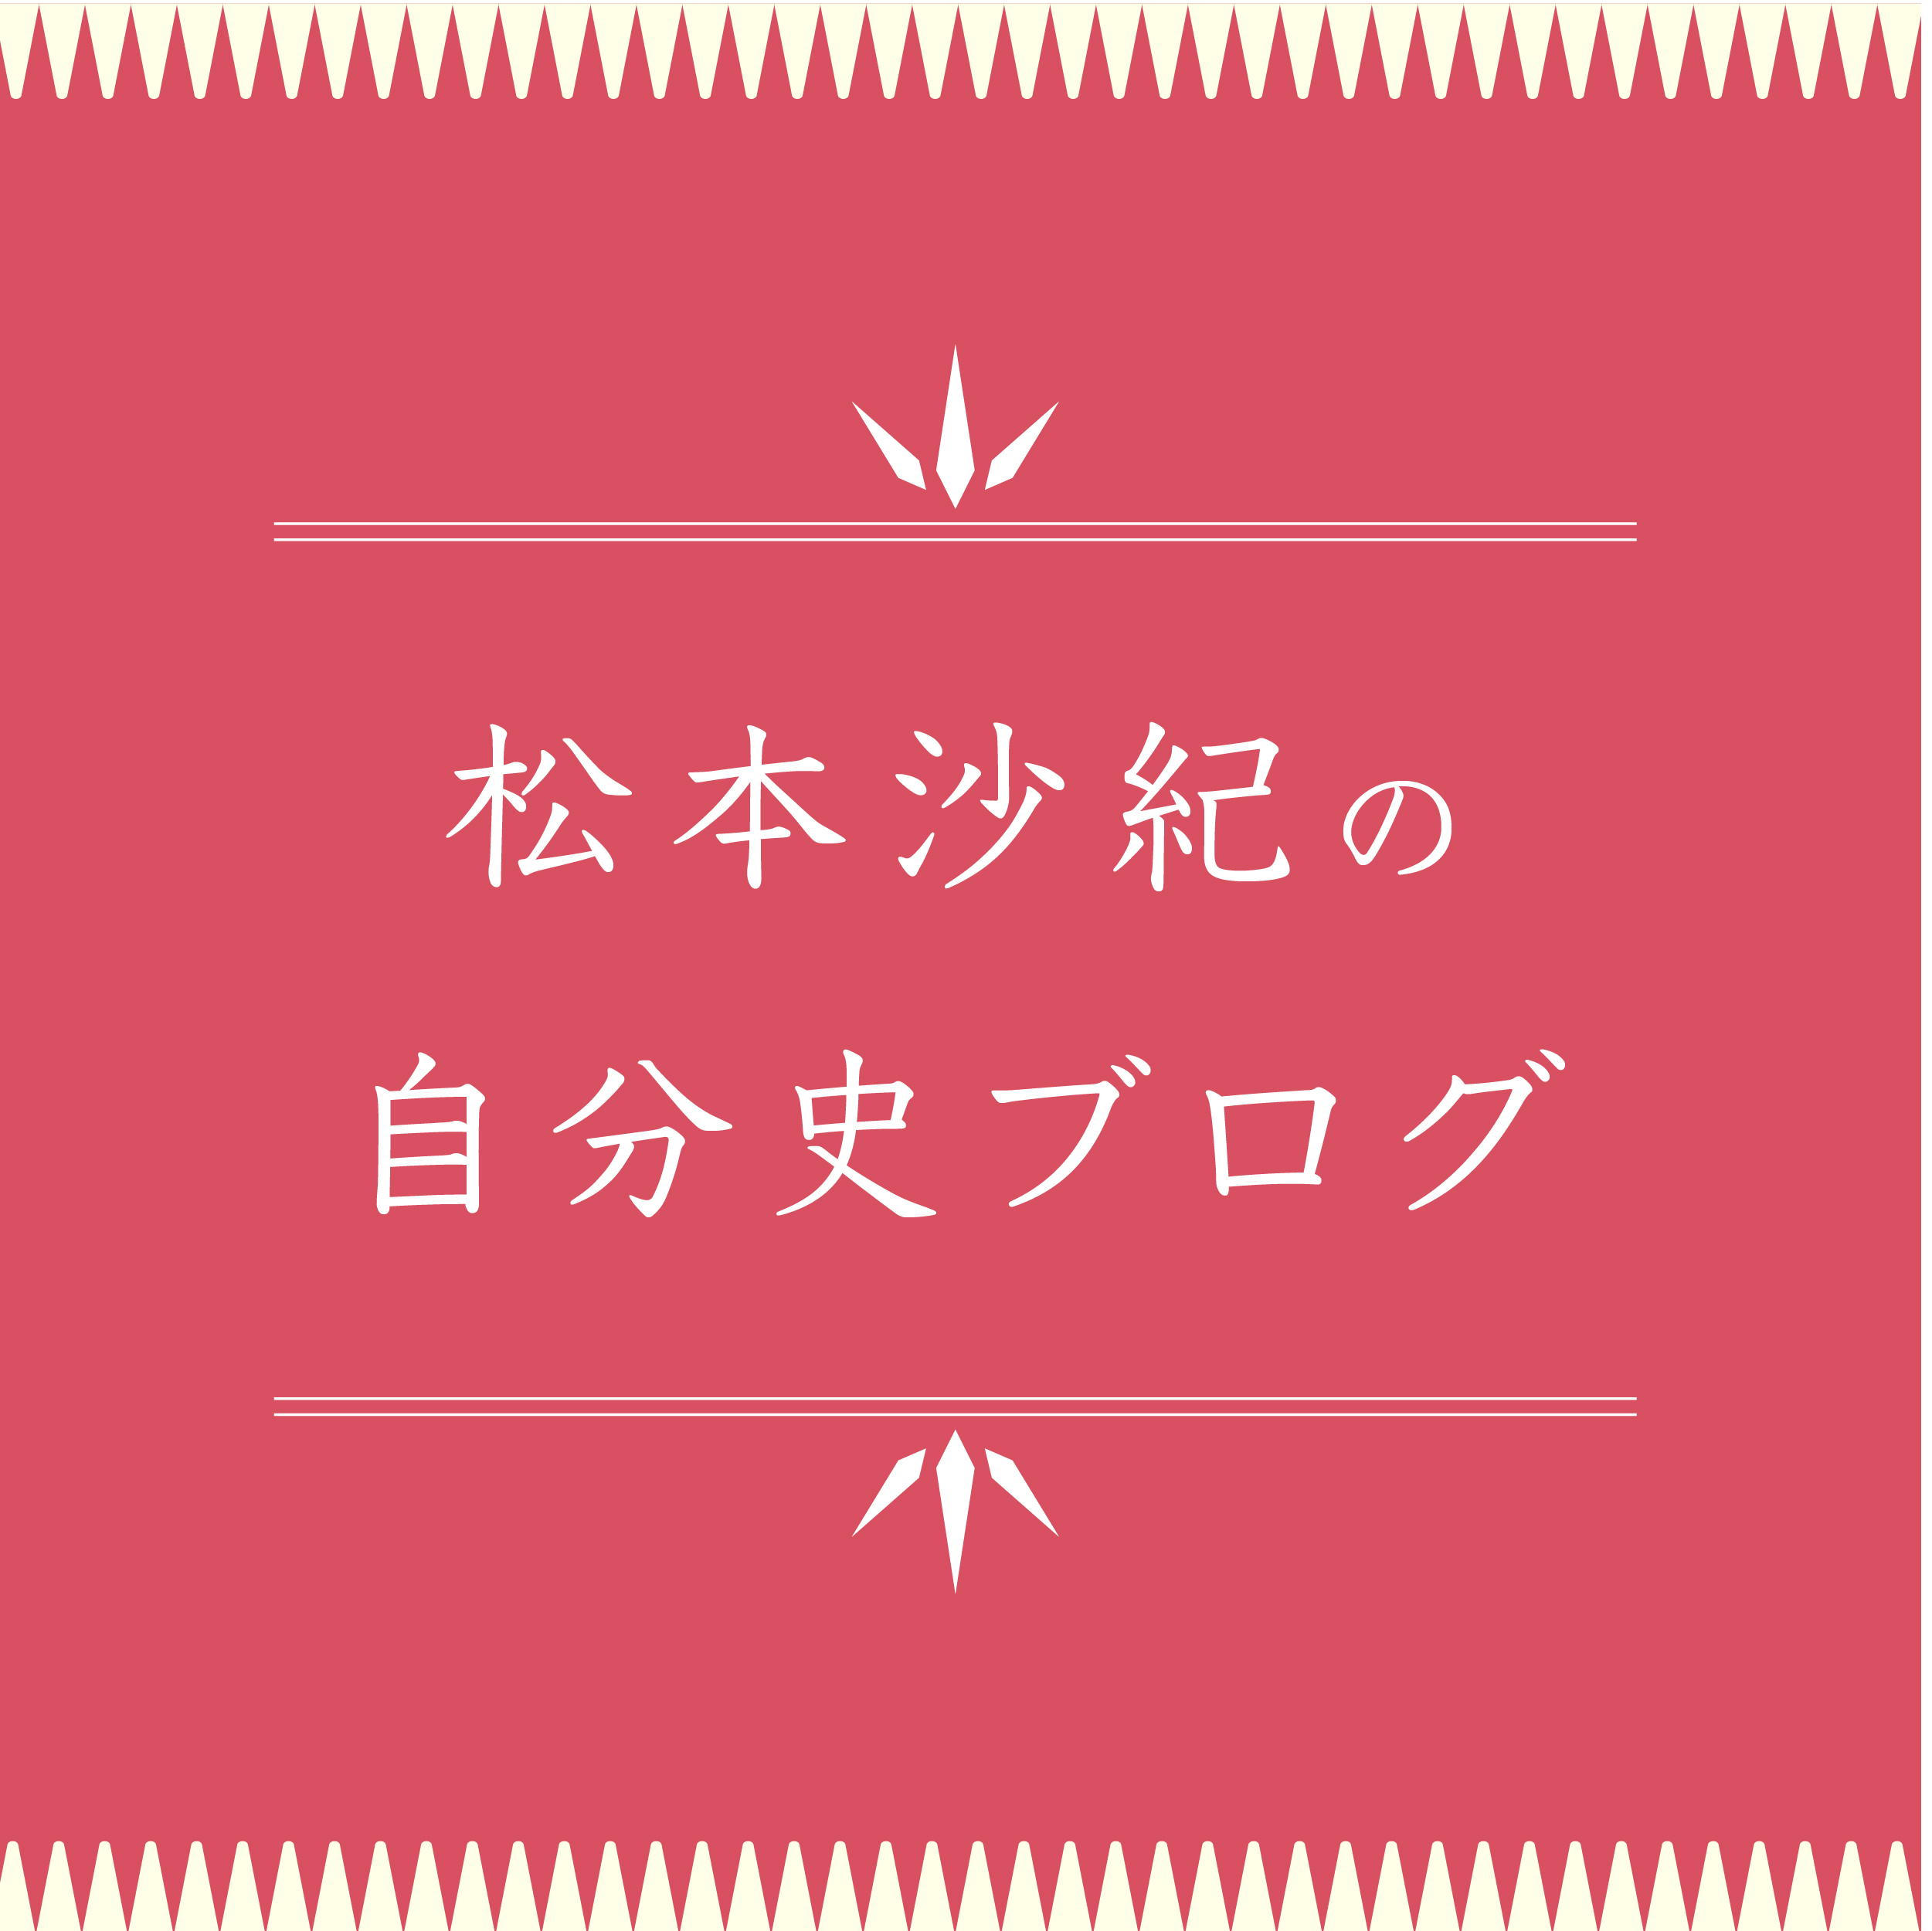 松本沙紀の自分史ブログ